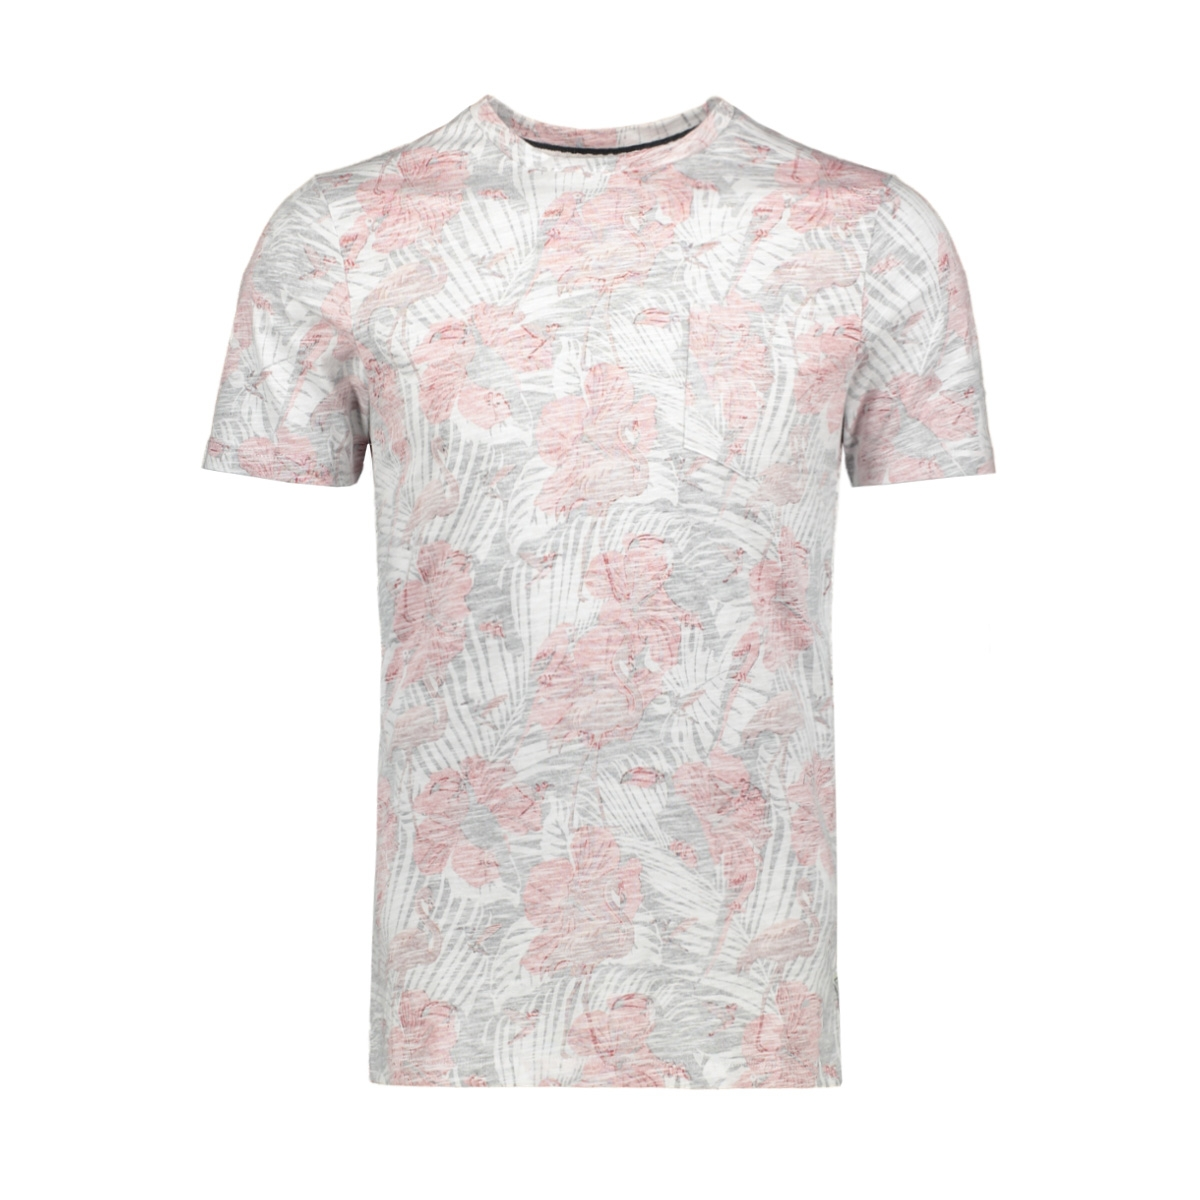 pktgms hibiscus aop tee ss 12153906 produkt t-shirt american beauty